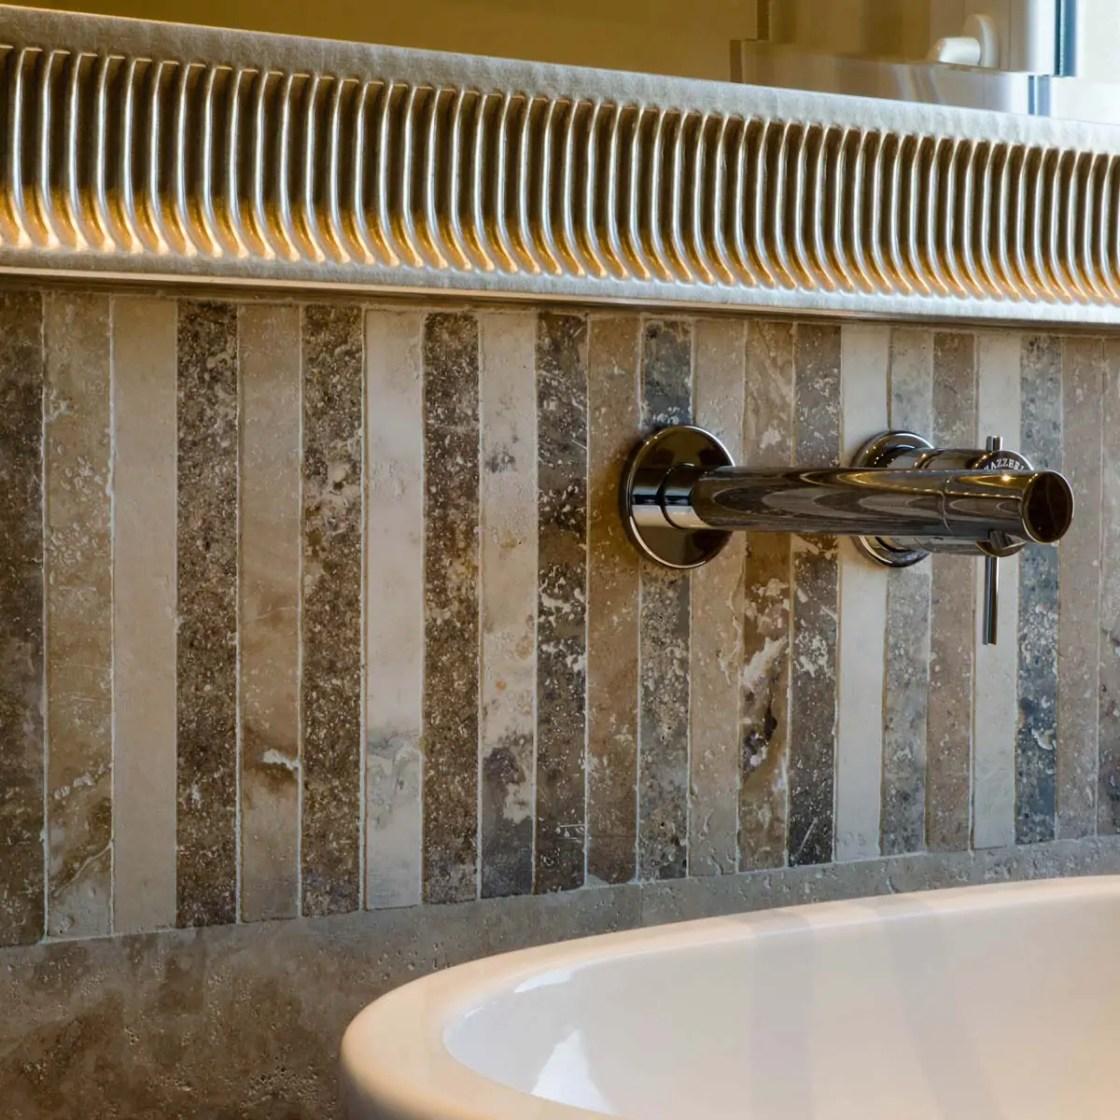 Bagno con rivestimento in travertino e pavimento in legno pietre di rapolano - Specchio cornice nera barocca ...